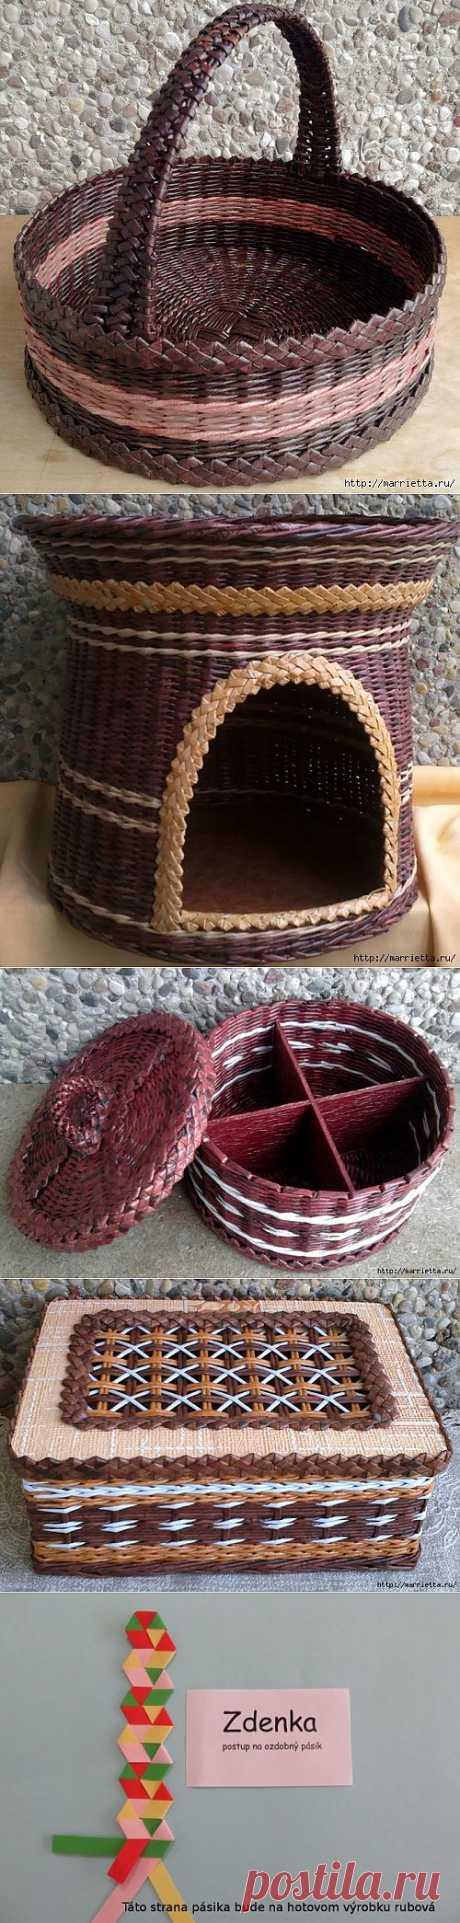 Плетение из газет. Мастер-класс и примеры применения фигурной косички.